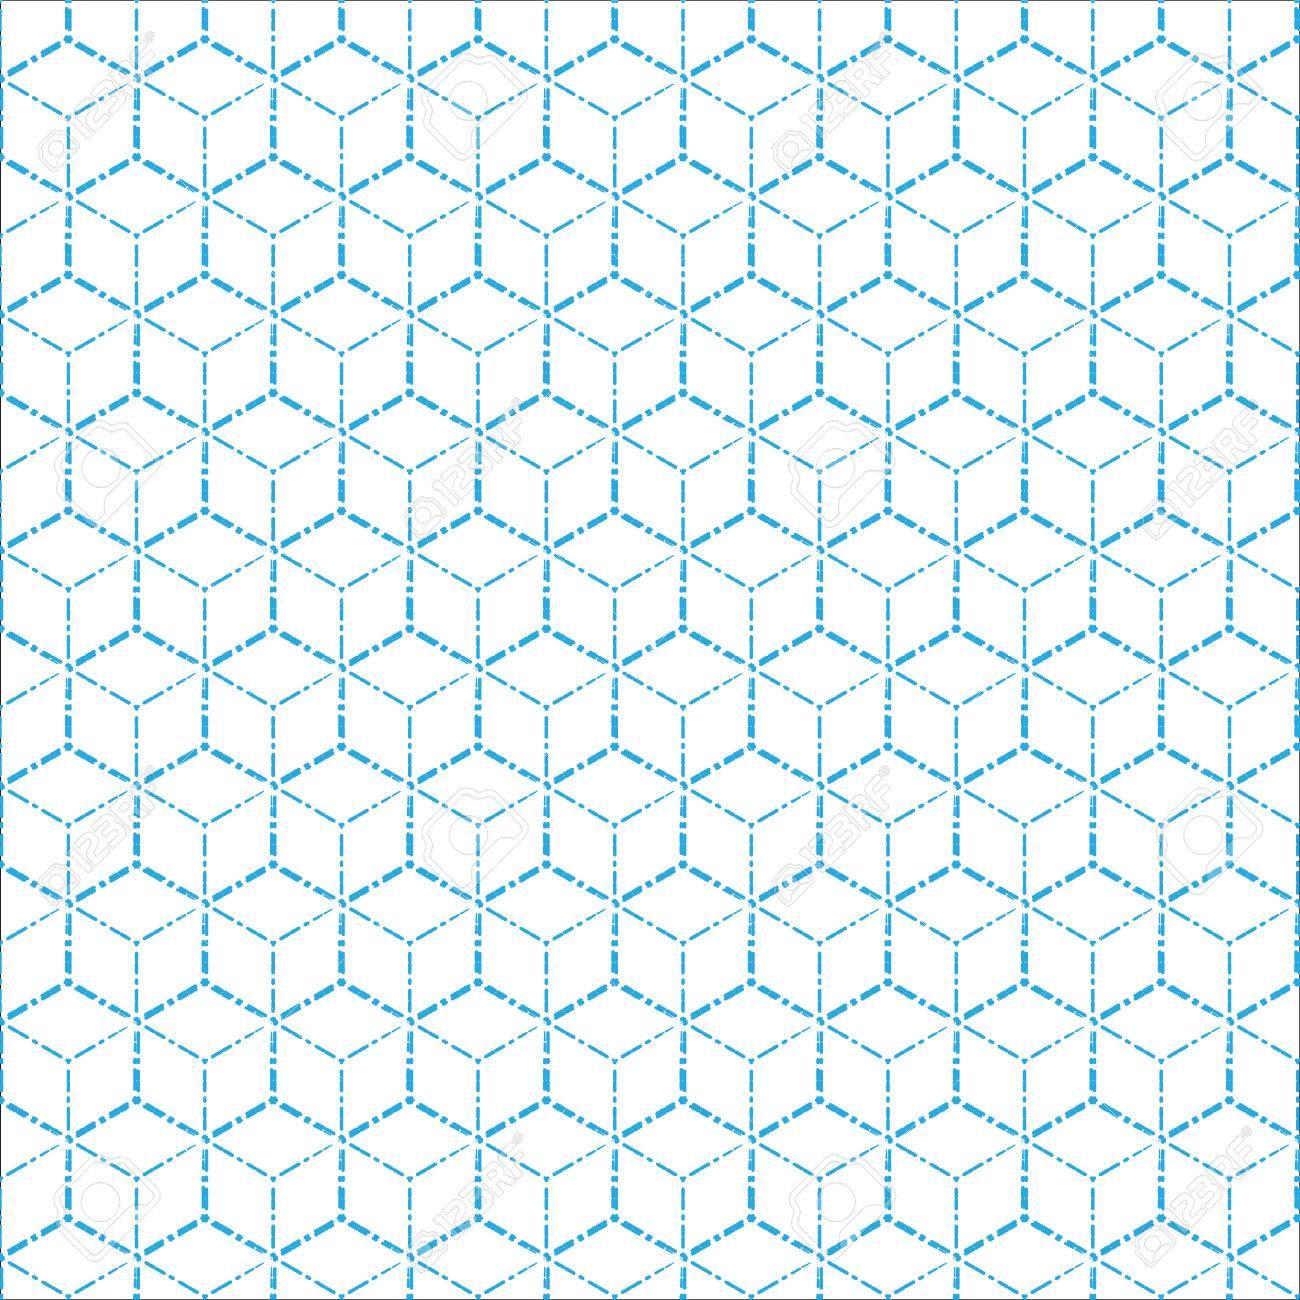 Azul Línea De Puntos Patrón De Fondo Ilustración Imagen Geométrica ...